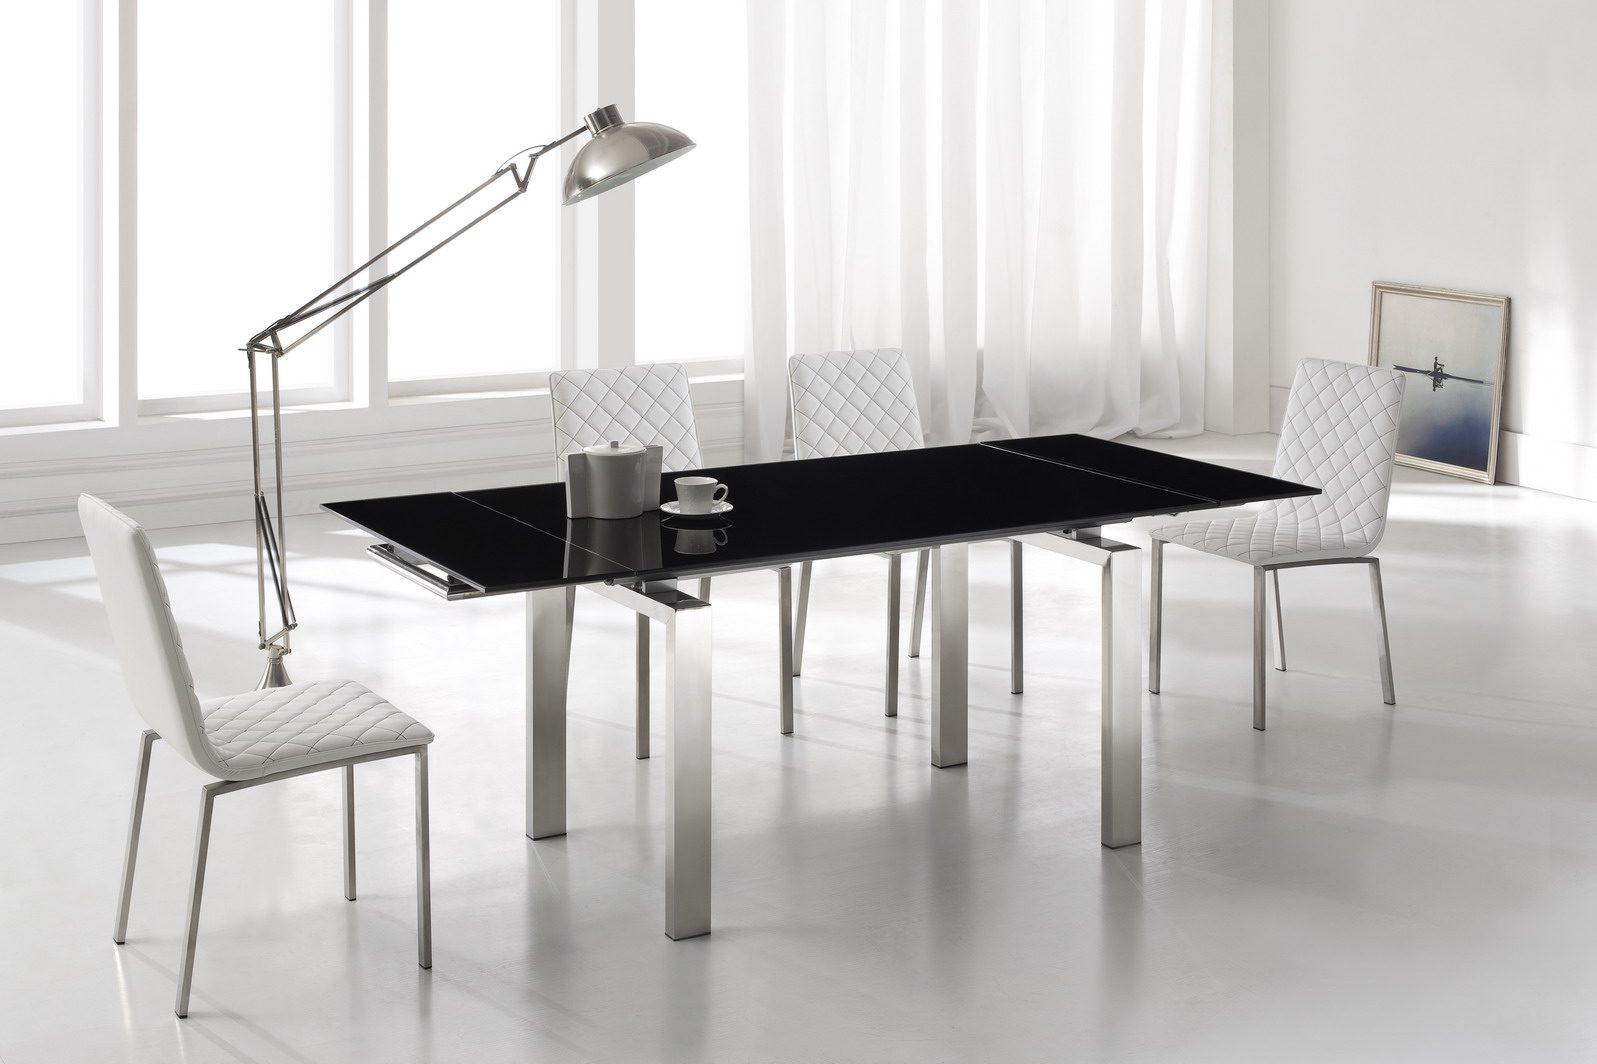 сколько столы хай тек картинки спросом гидроксид алюминия